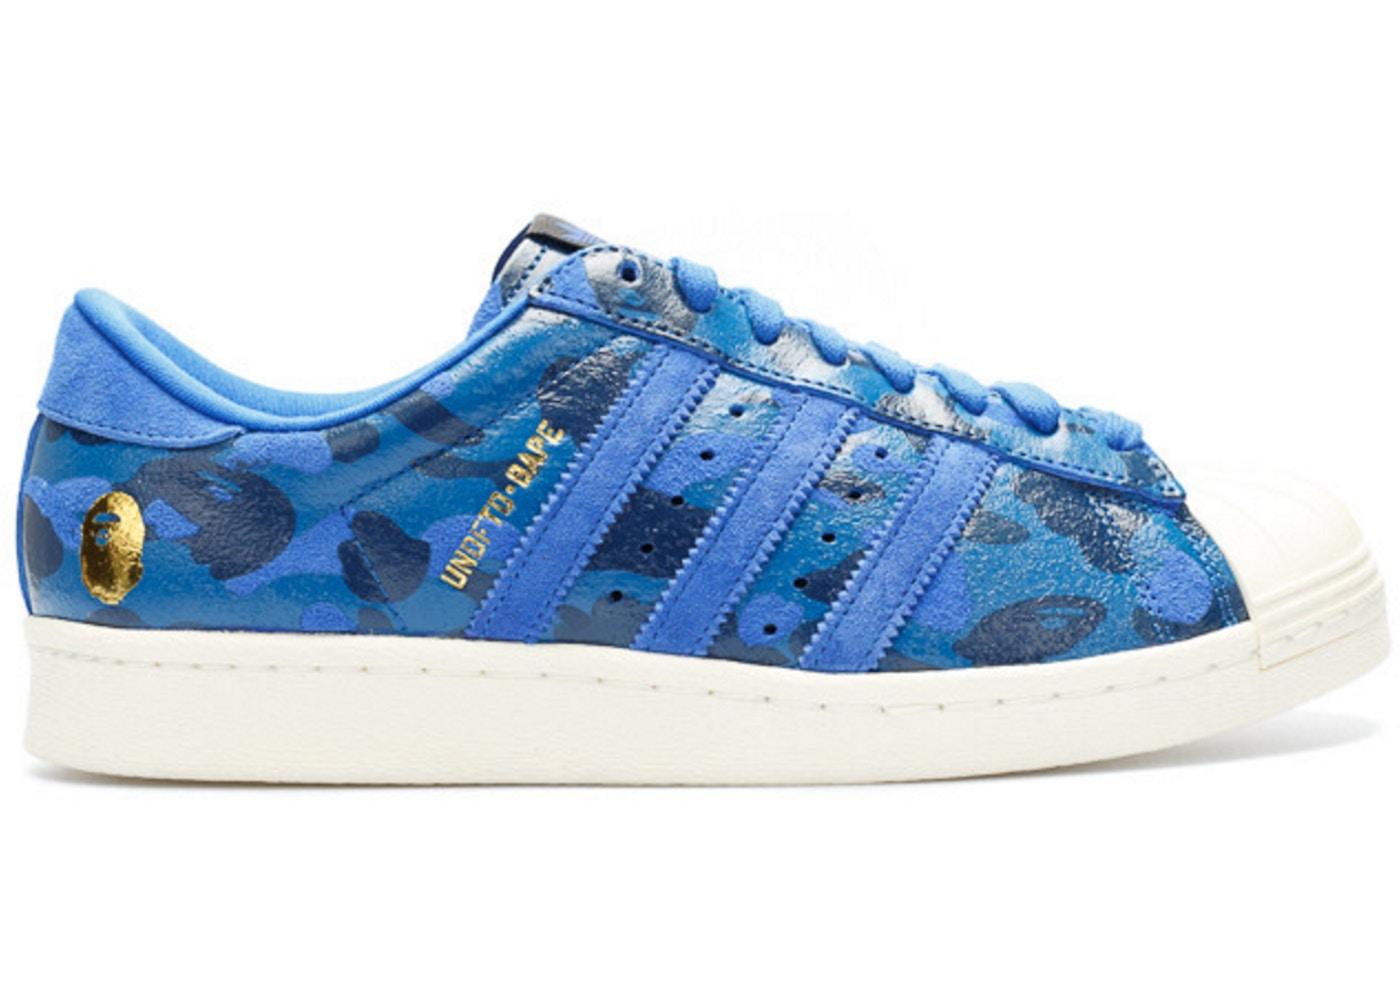 adidas Superstar 80s Undftd Bape Blue Camo